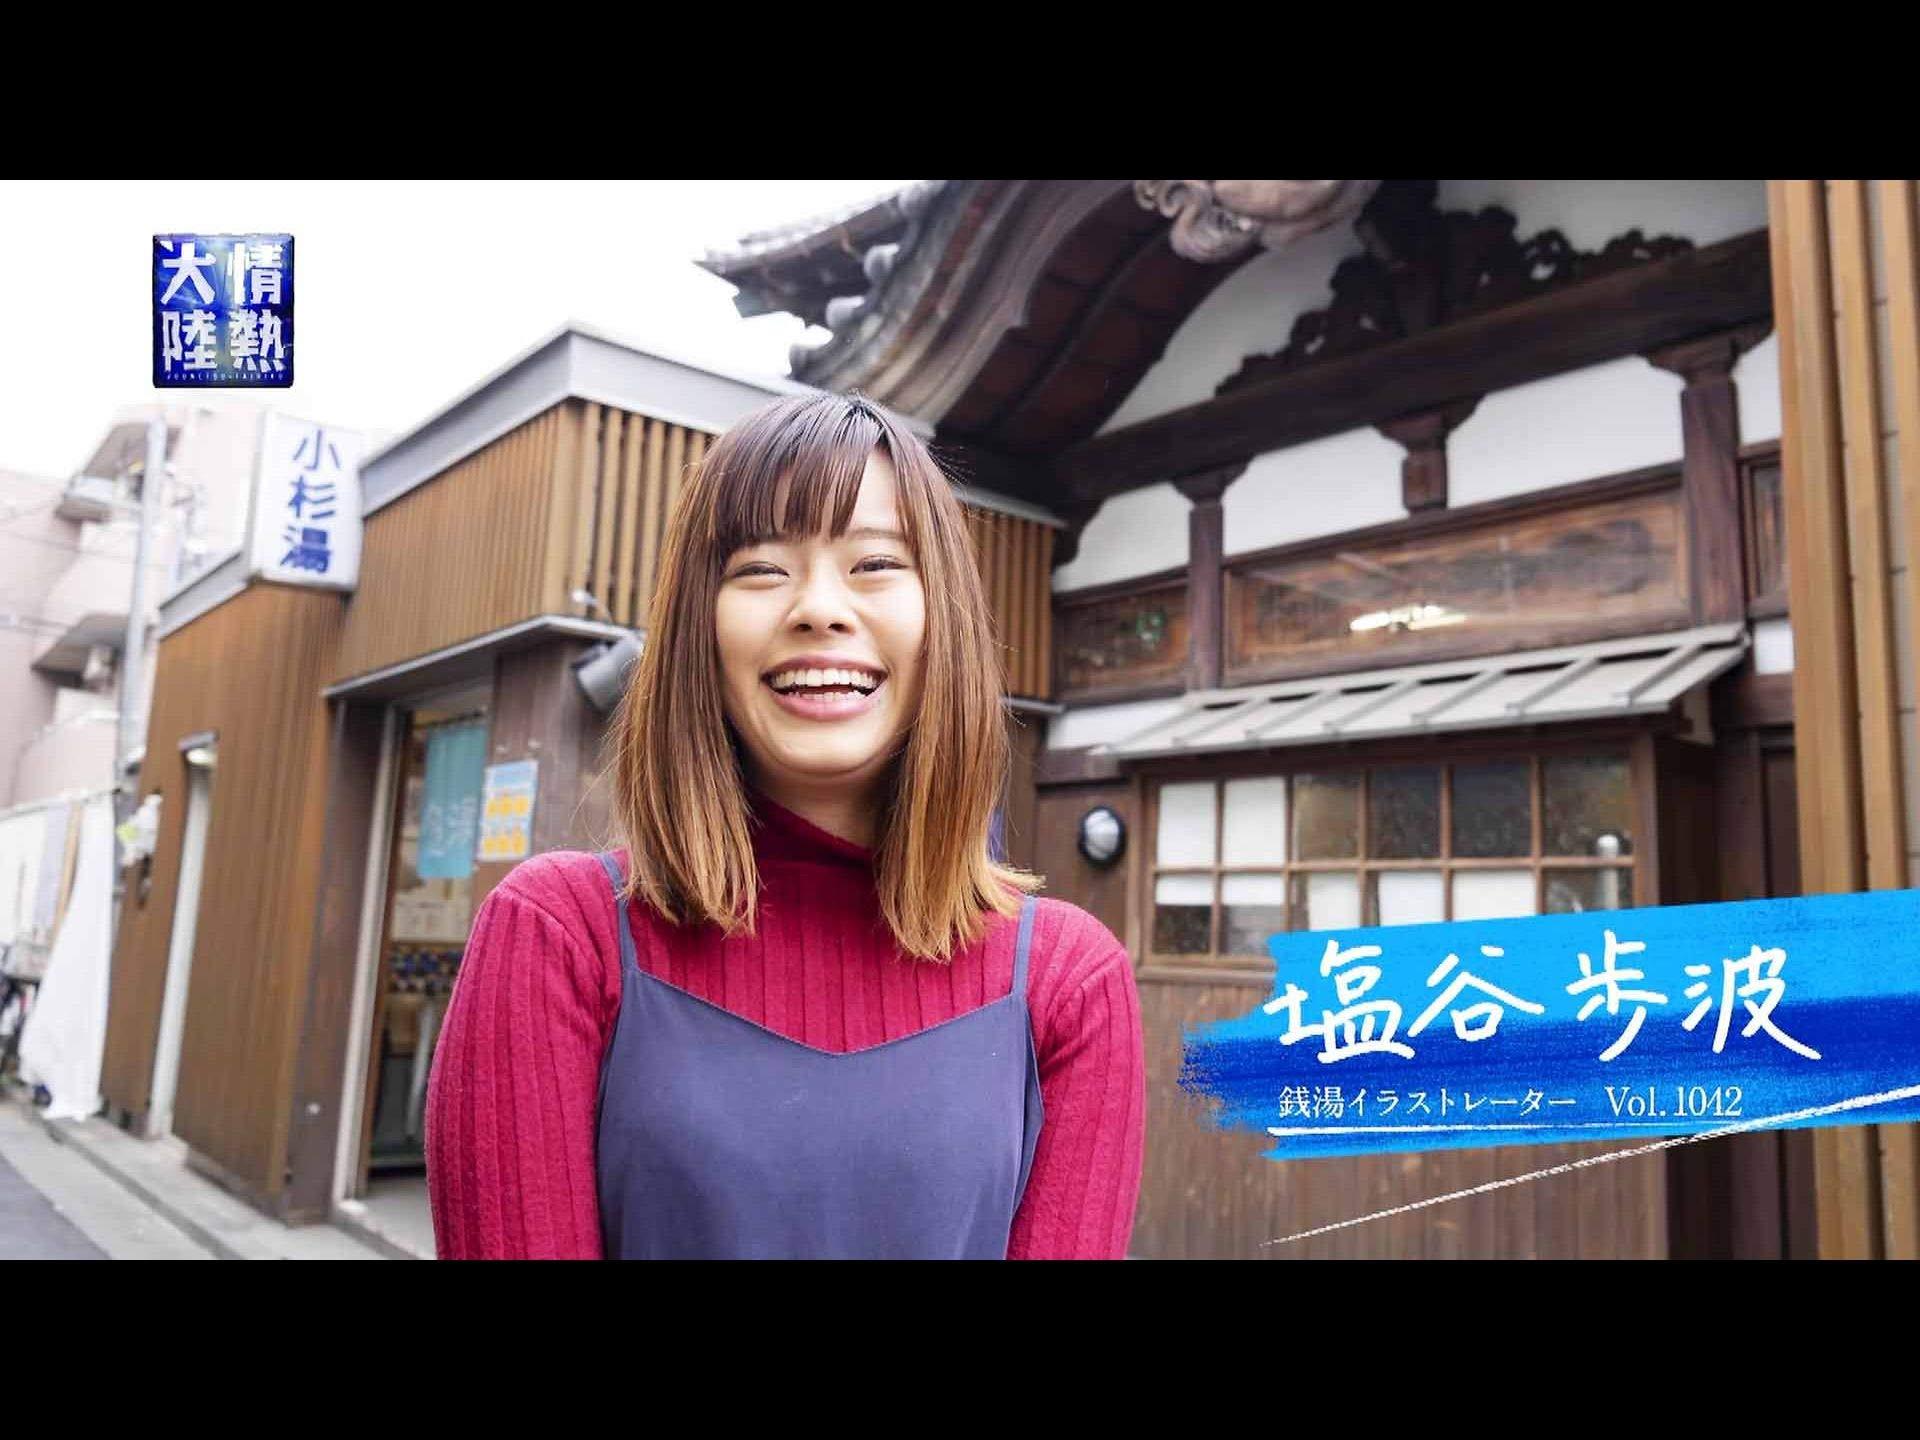 ゆう子 ごぶごぶ 浅野 【ごぶごぶ】浅野ゆう子と神戸でオシャレな美食巡り!世界一の朝食&絶品コロッケ